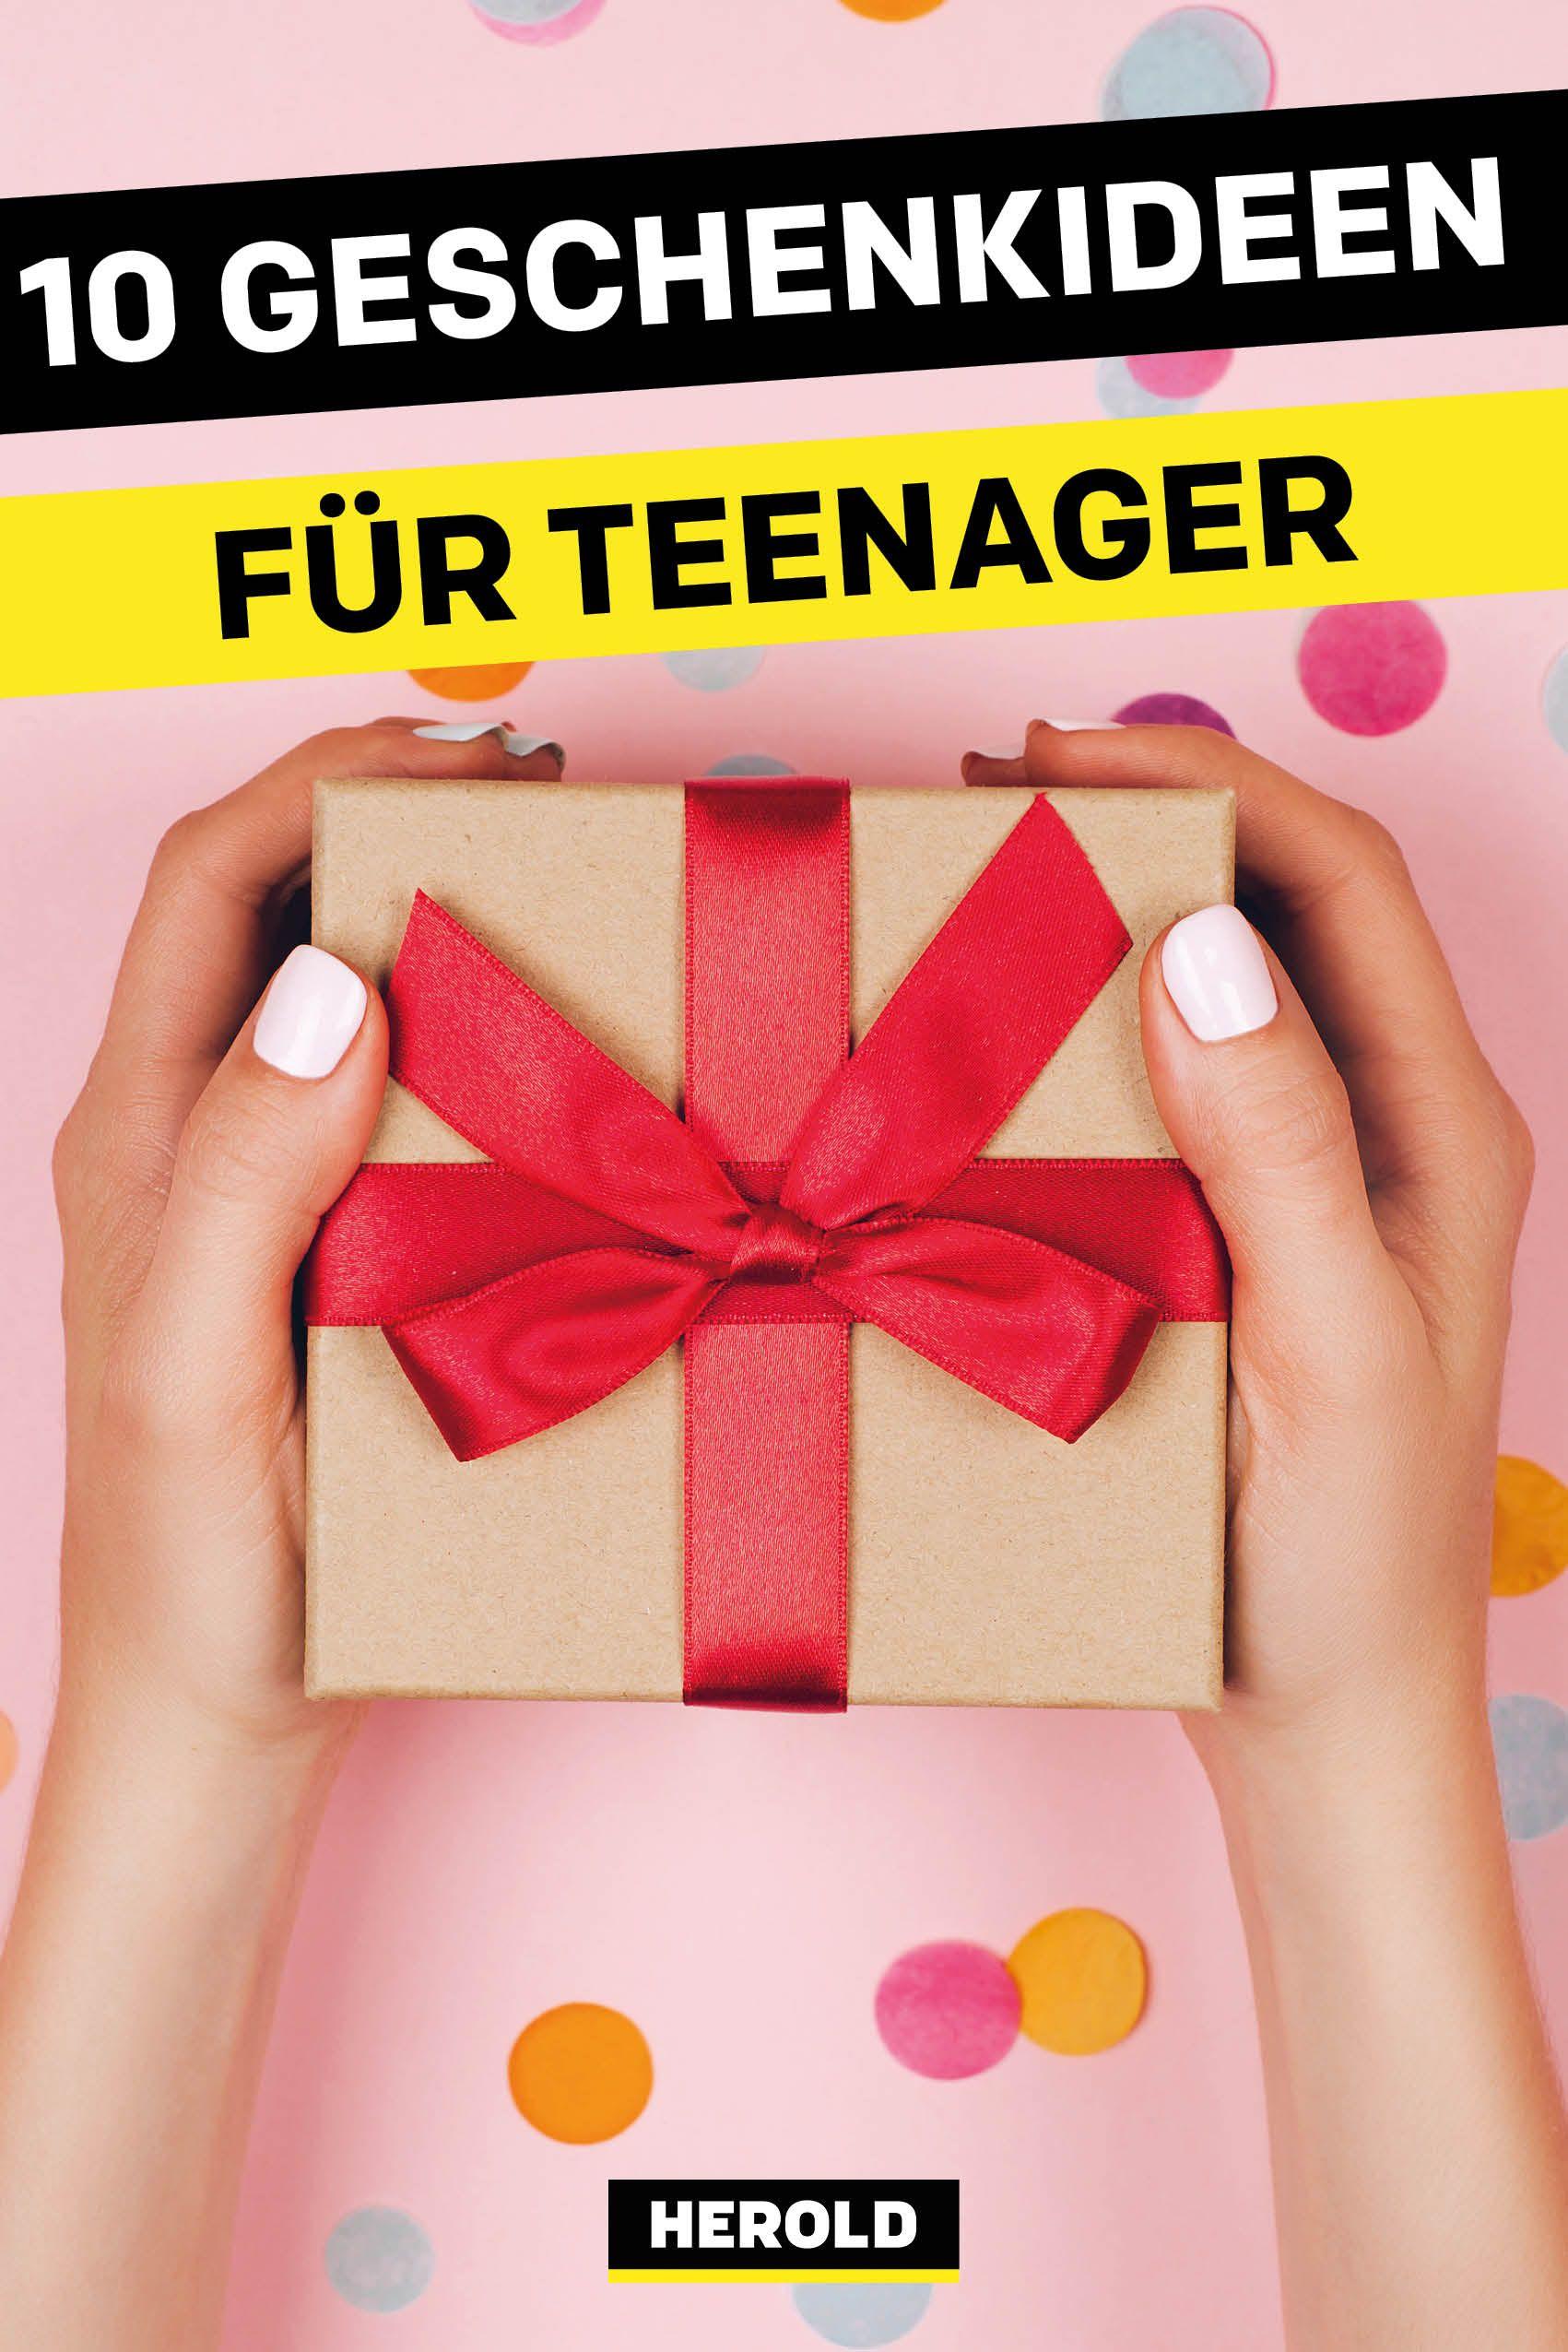 10 Ultimative Geschenke Fur Teenager Geschenke Fur Teenager Geschenke Geschenkideen